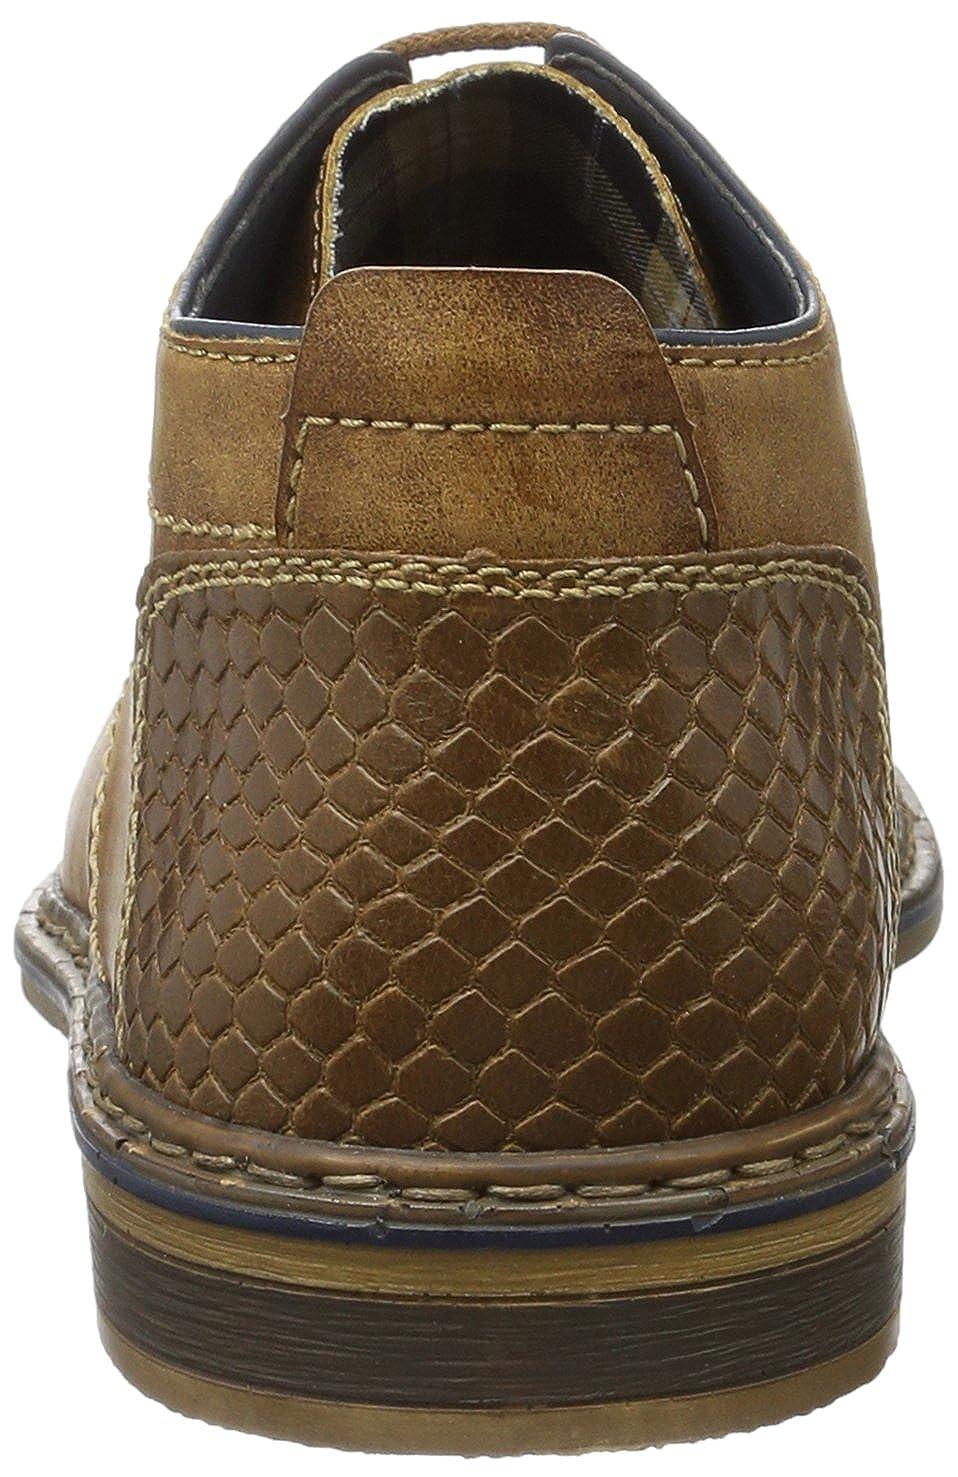 Rieker Men's B1732 Desert Boots